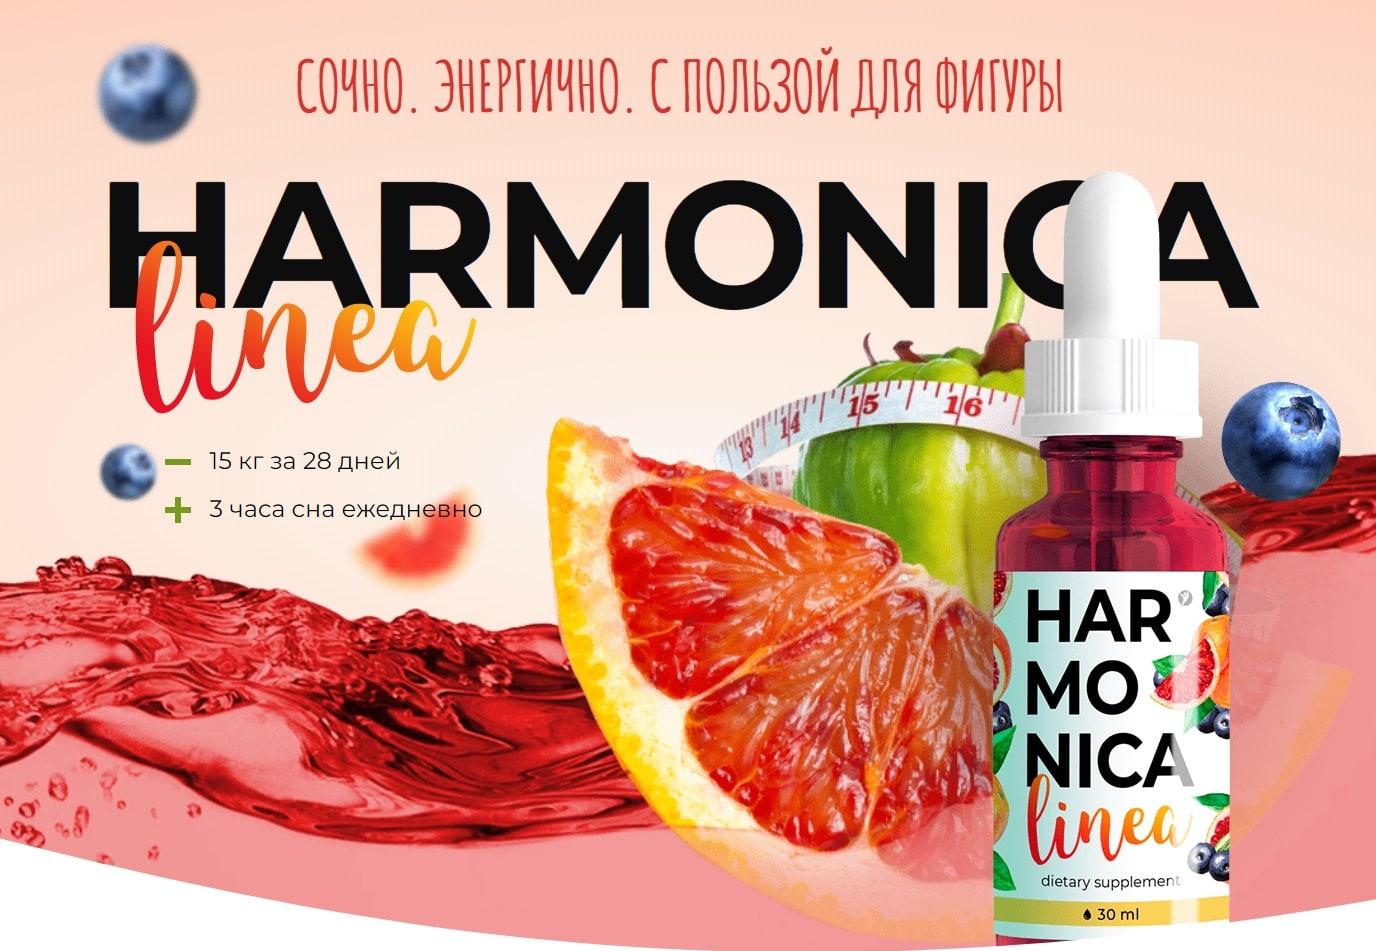 Harmonica Linea для похудения отзывы